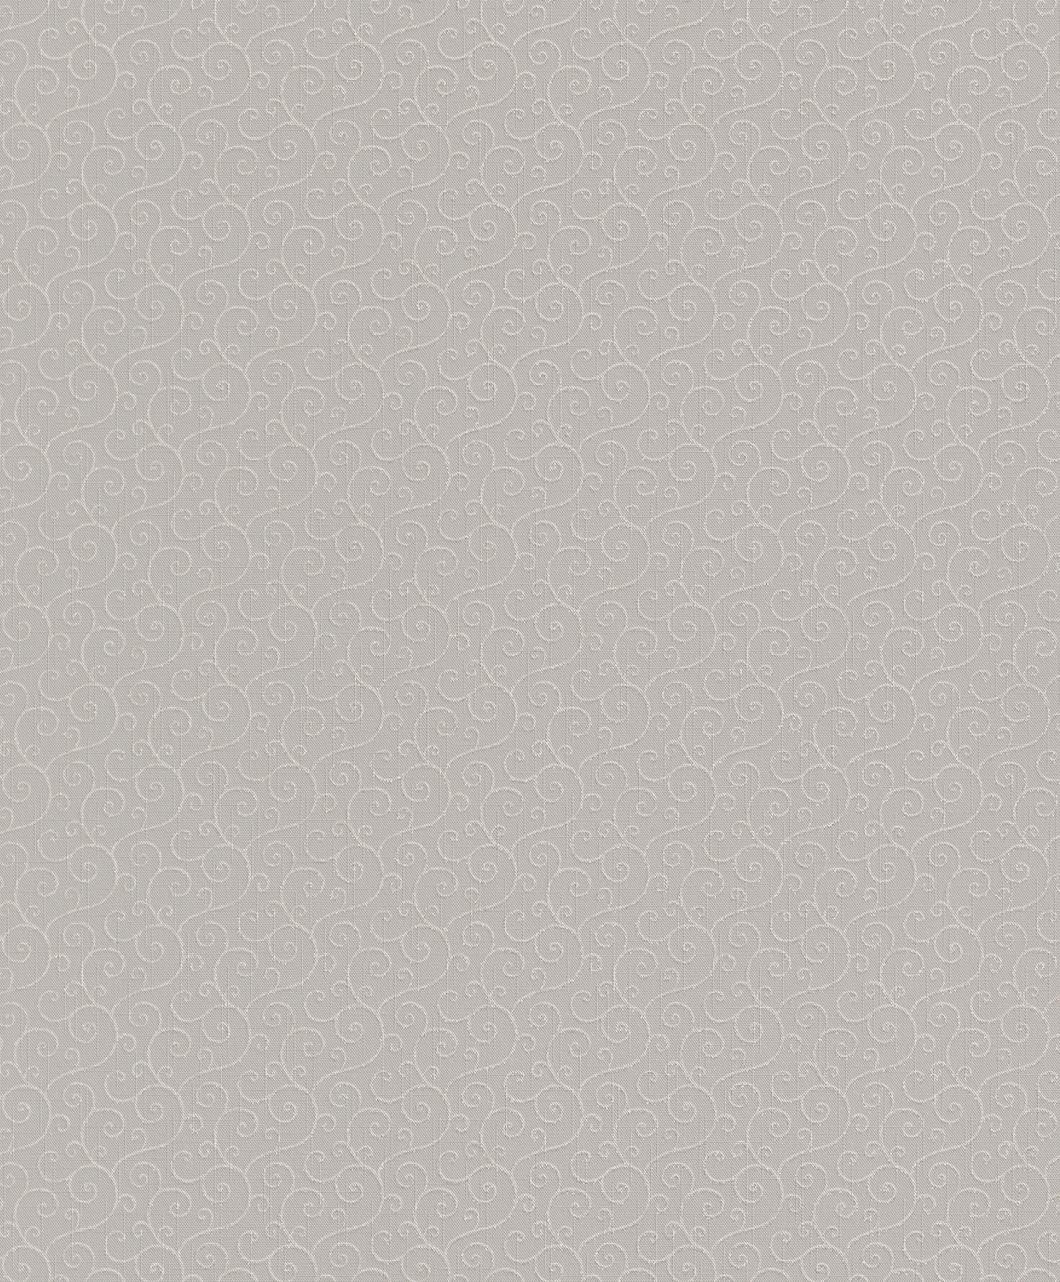 Tapeta na zeď Rasch Shiny Chic 423860 | 0,53x10,05m (Vliesové tapety - hnědá)